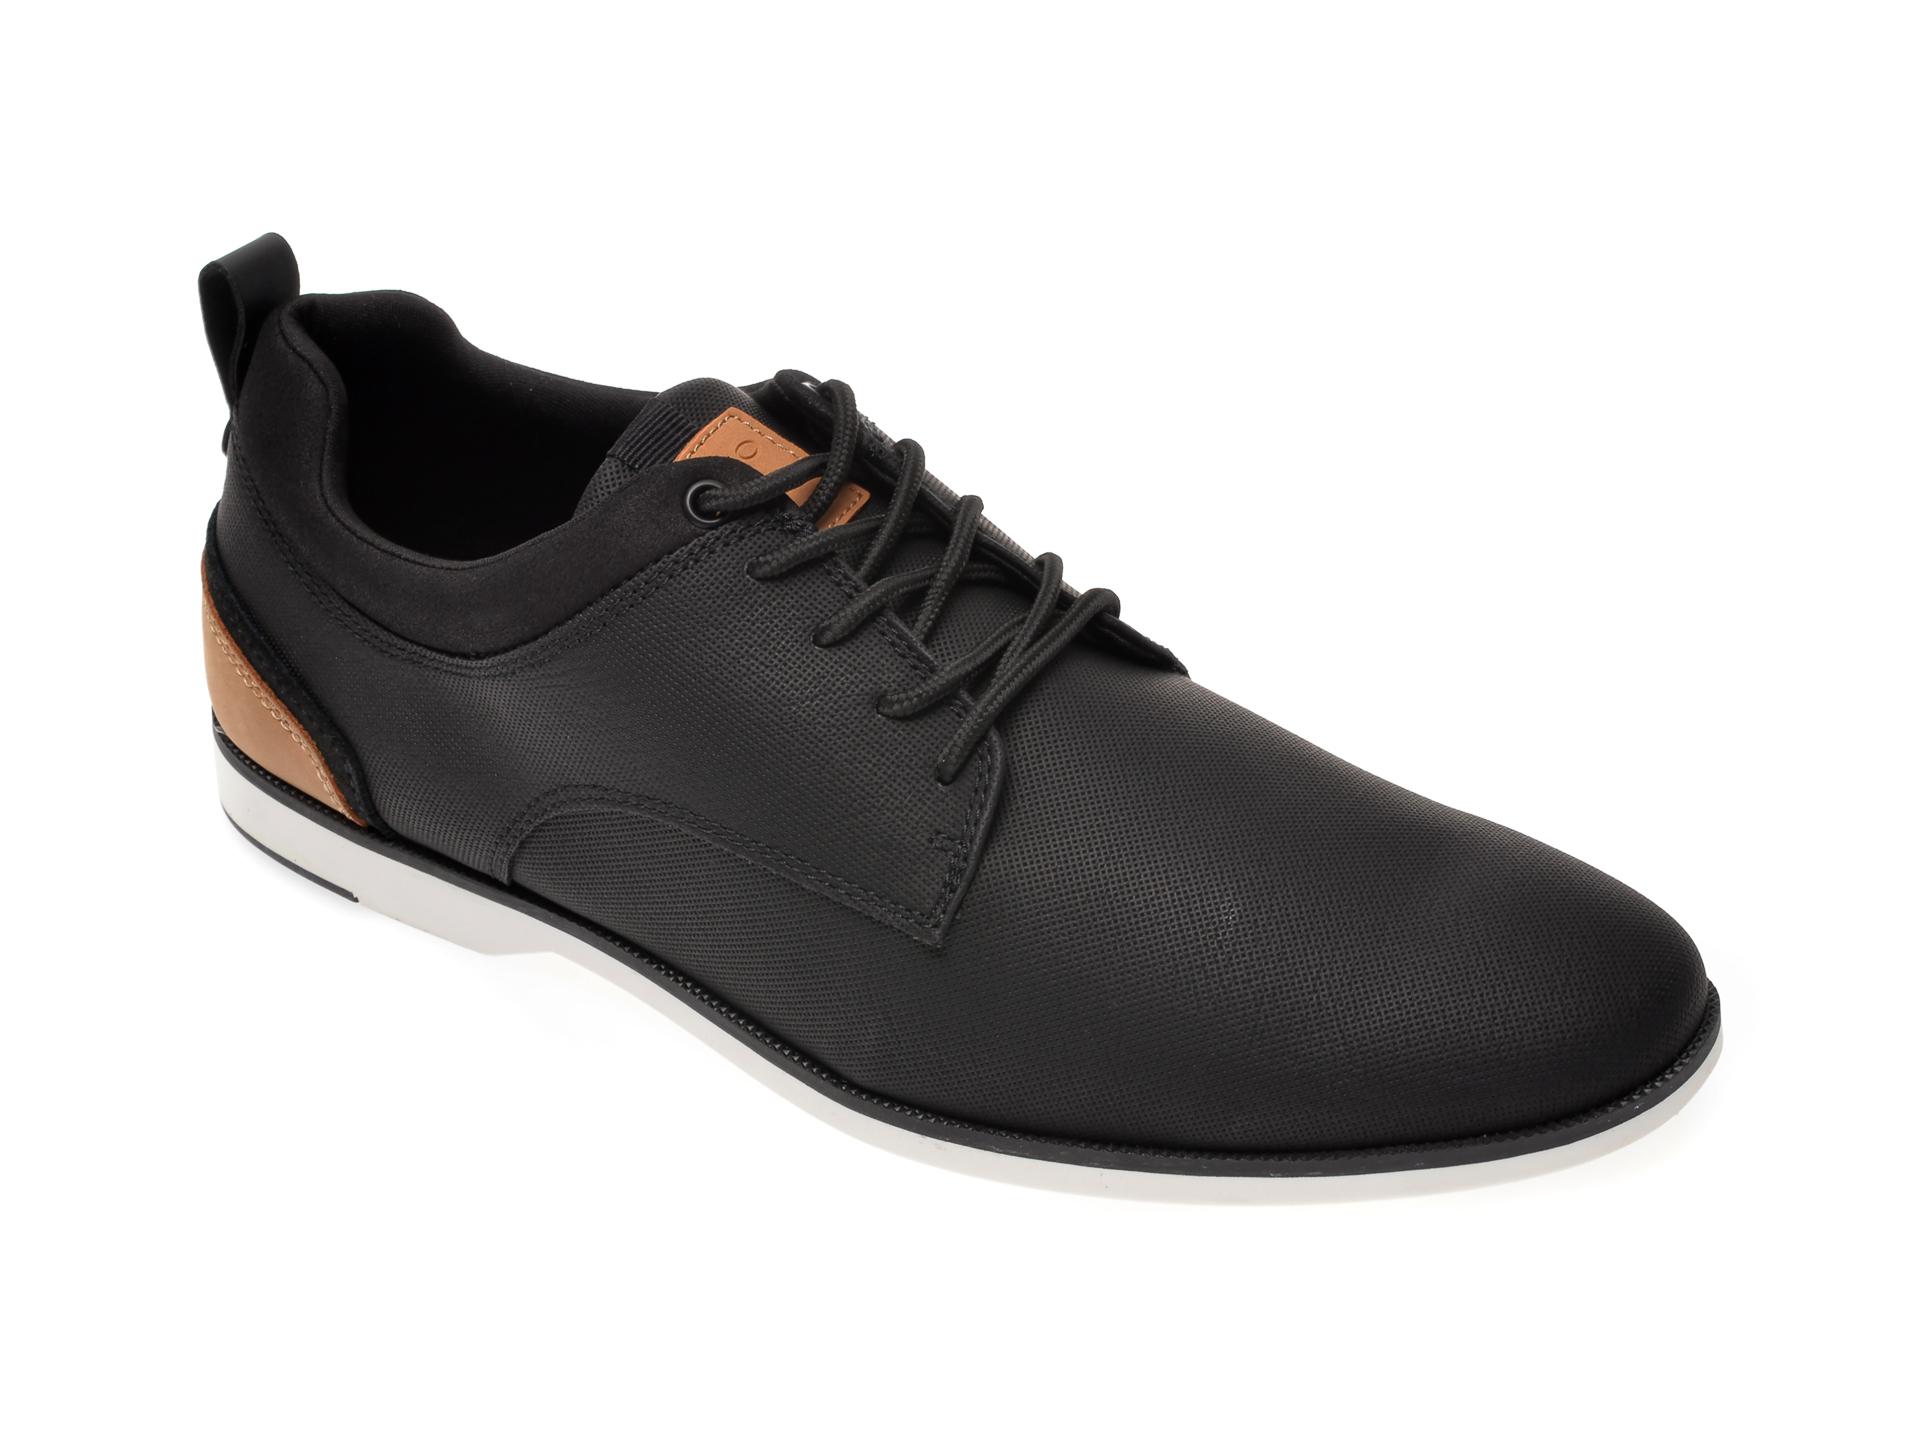 Pantofi ALDO negri, Voedien001, din piele ecologica imagine